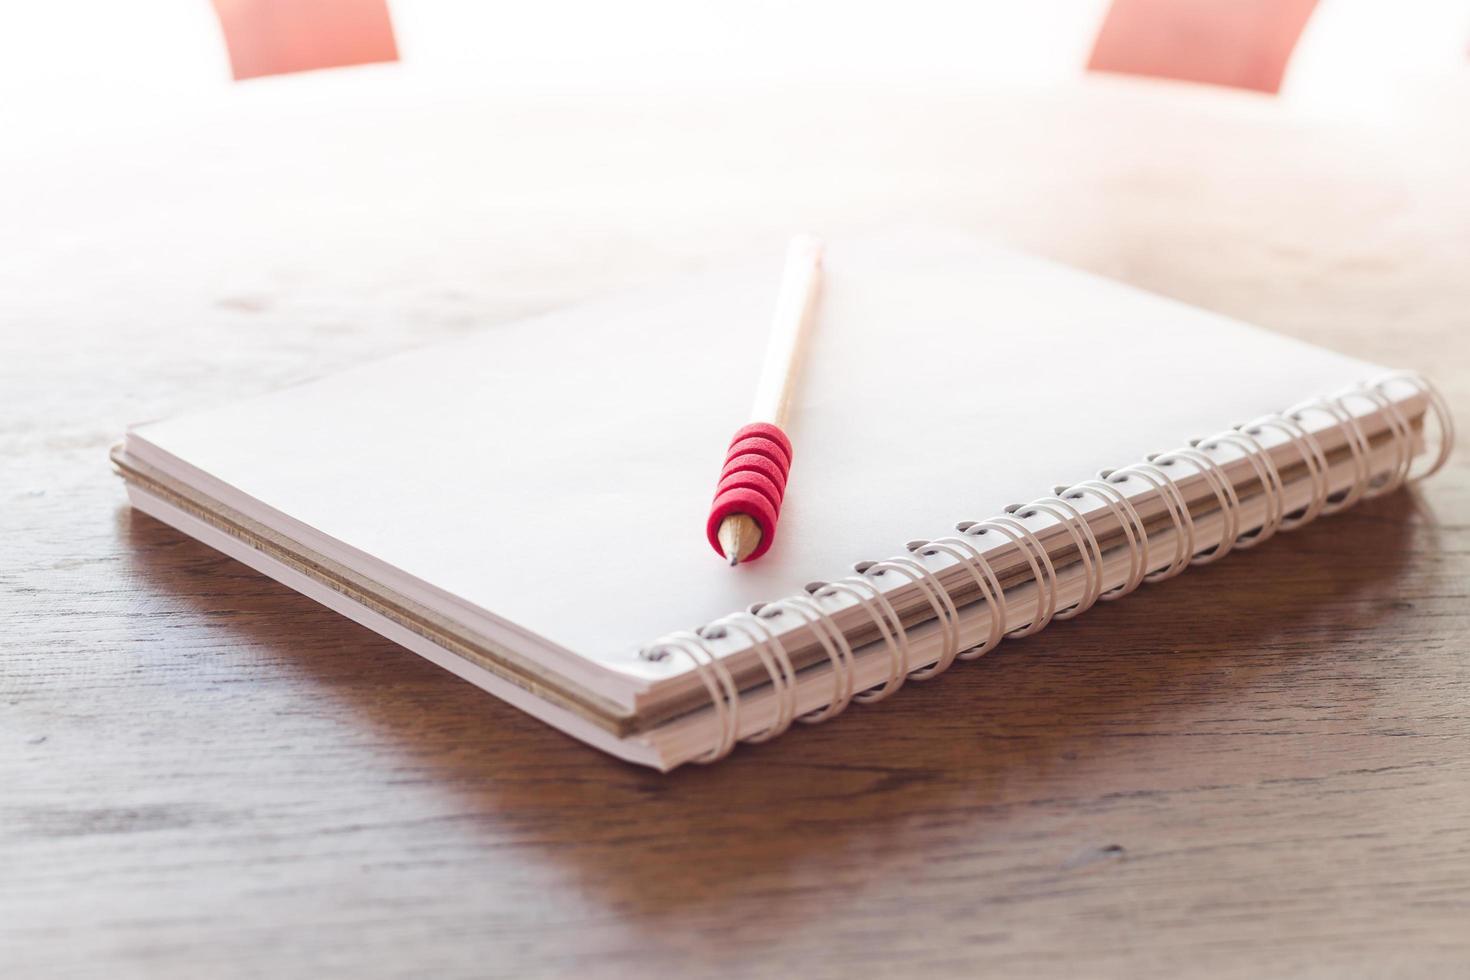 Notizbuch und ein roter Stift im Sonnenlicht foto